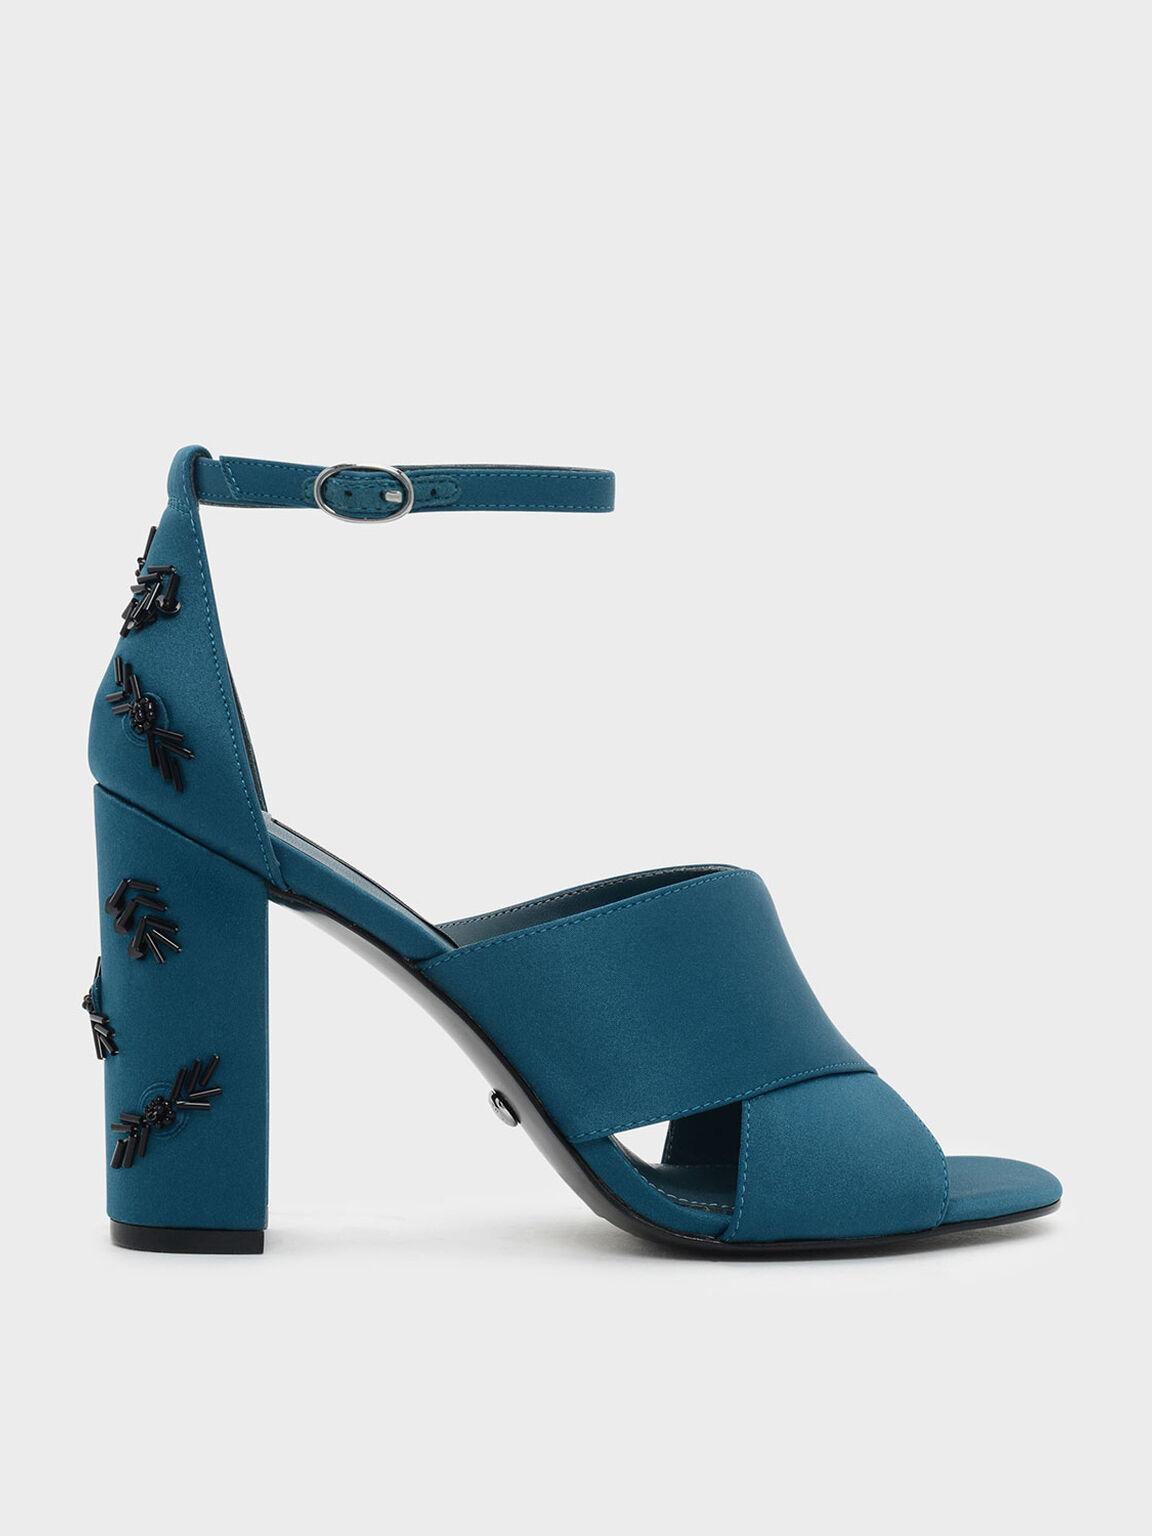 Embellished Block Heel Satin Sandals, Teal, hi-res